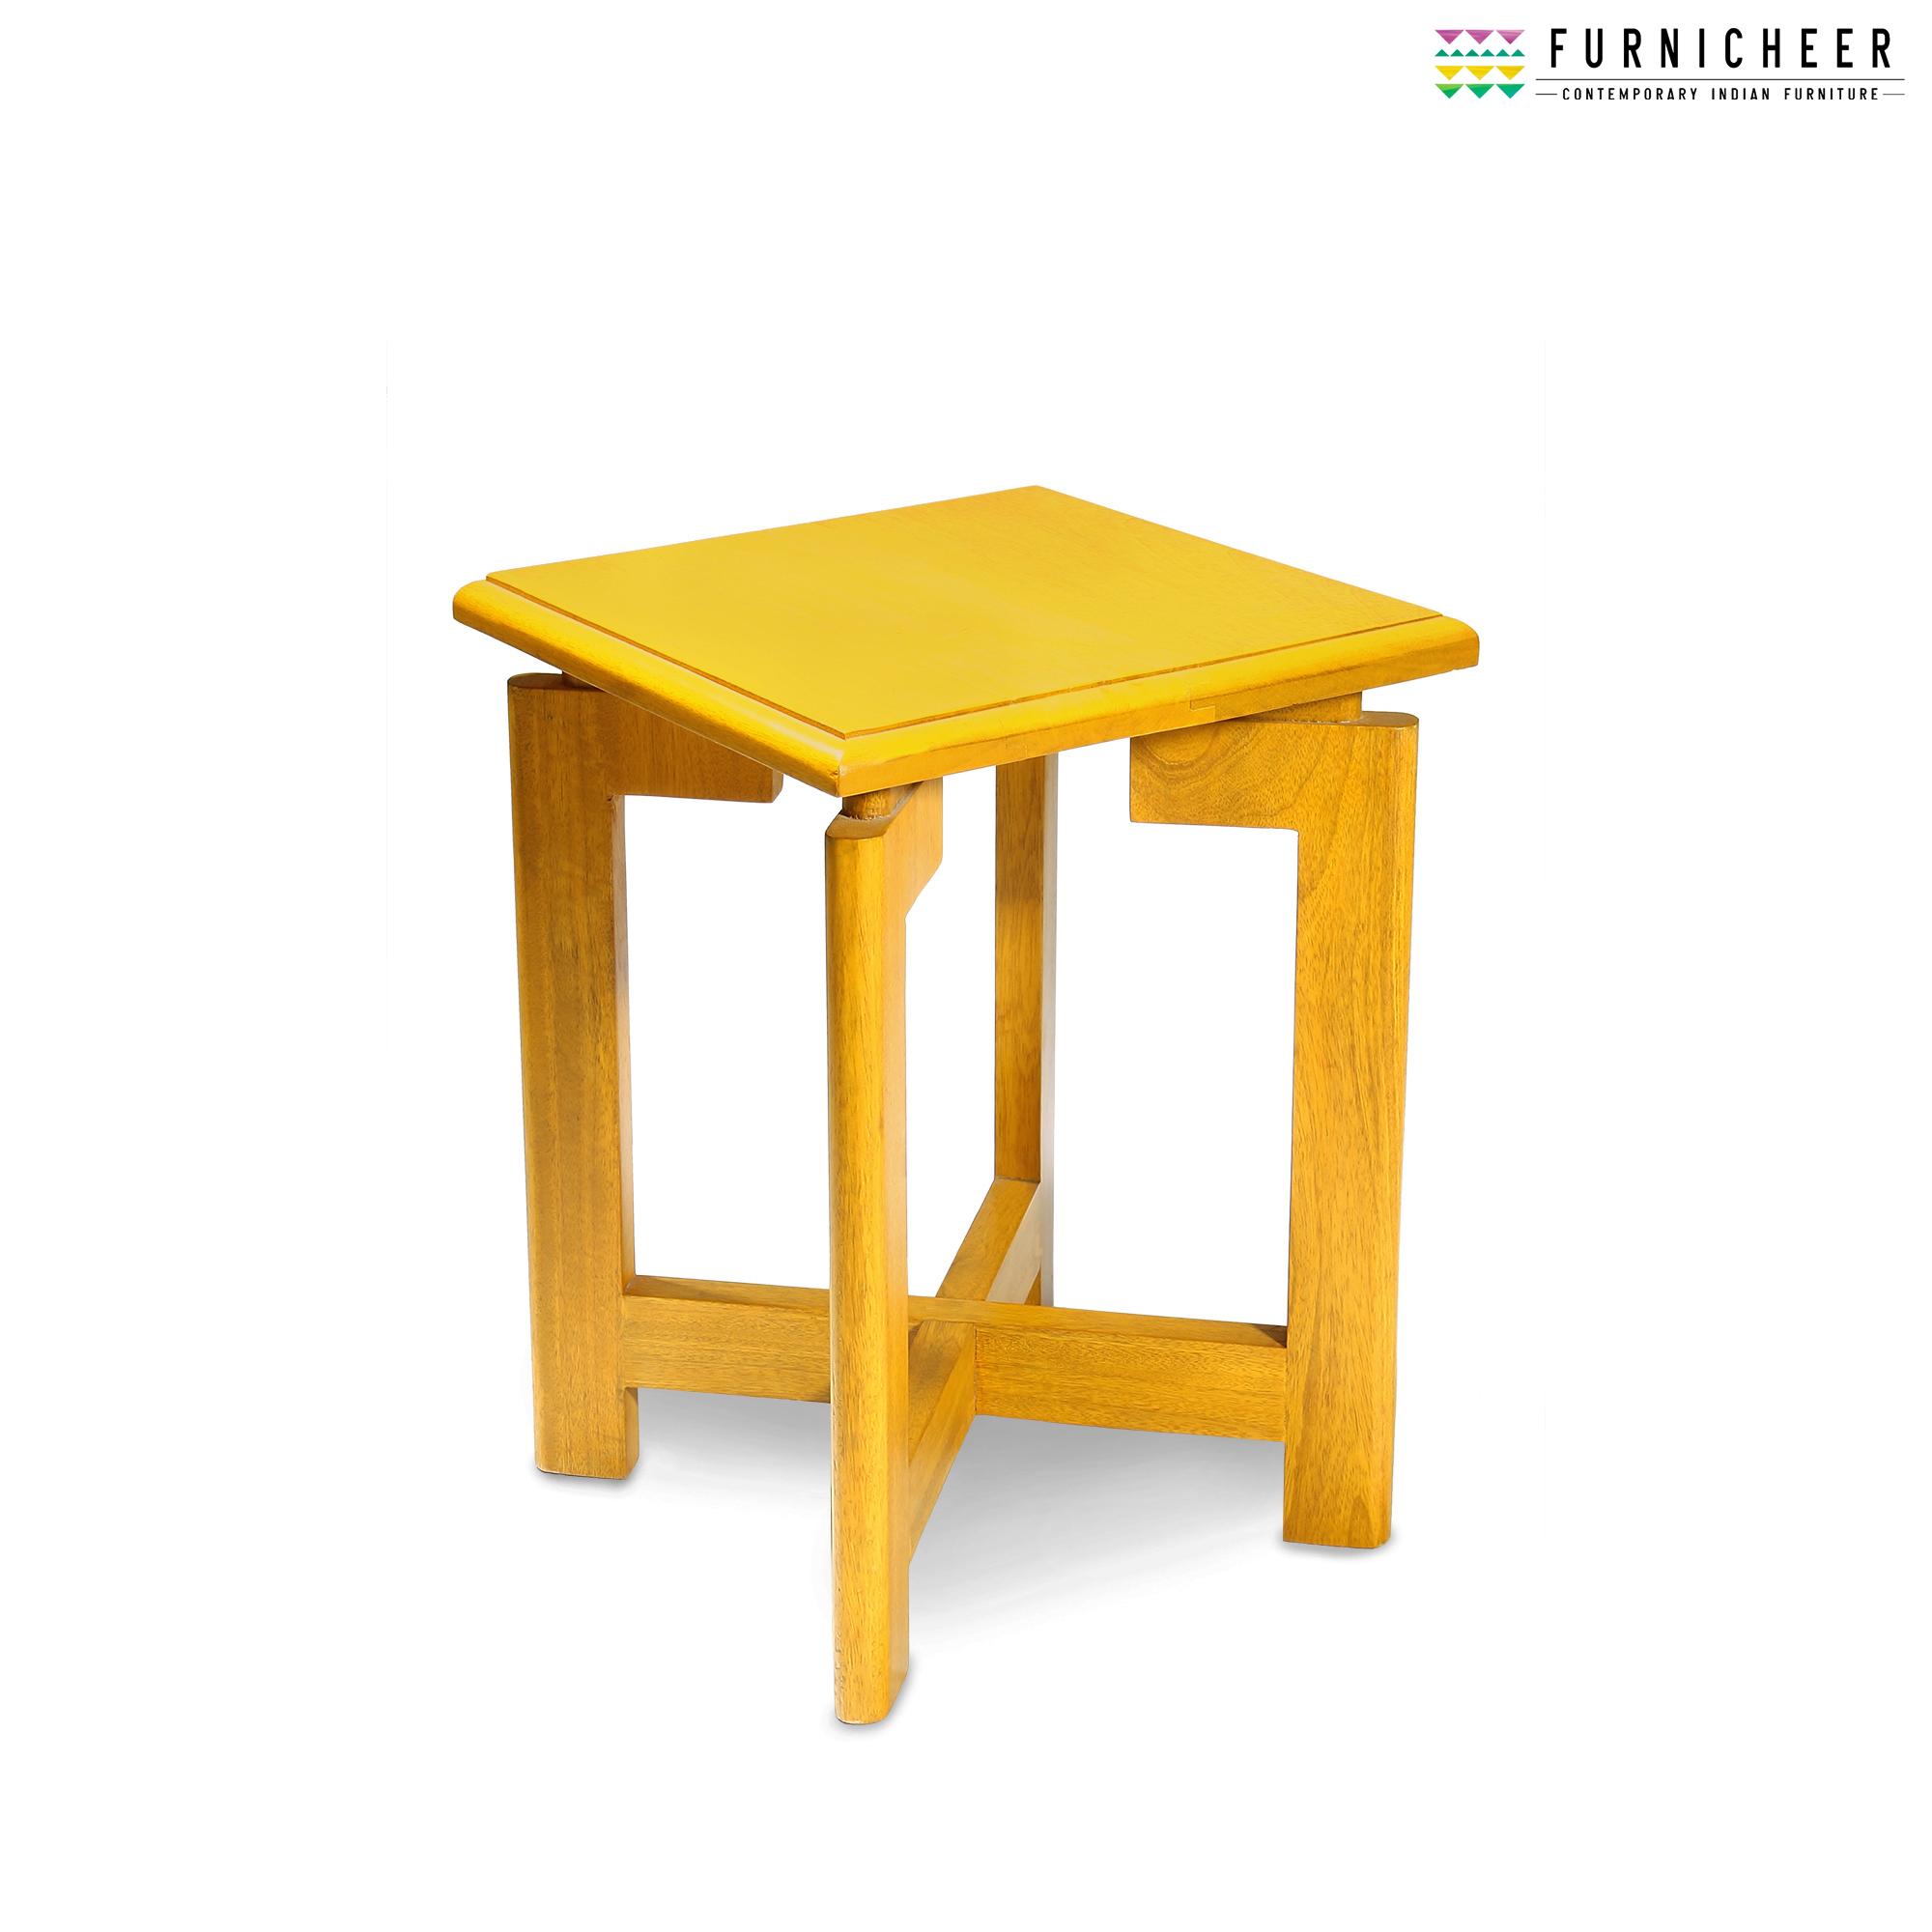 2.SIDE & END TABLE SKU TBST0001